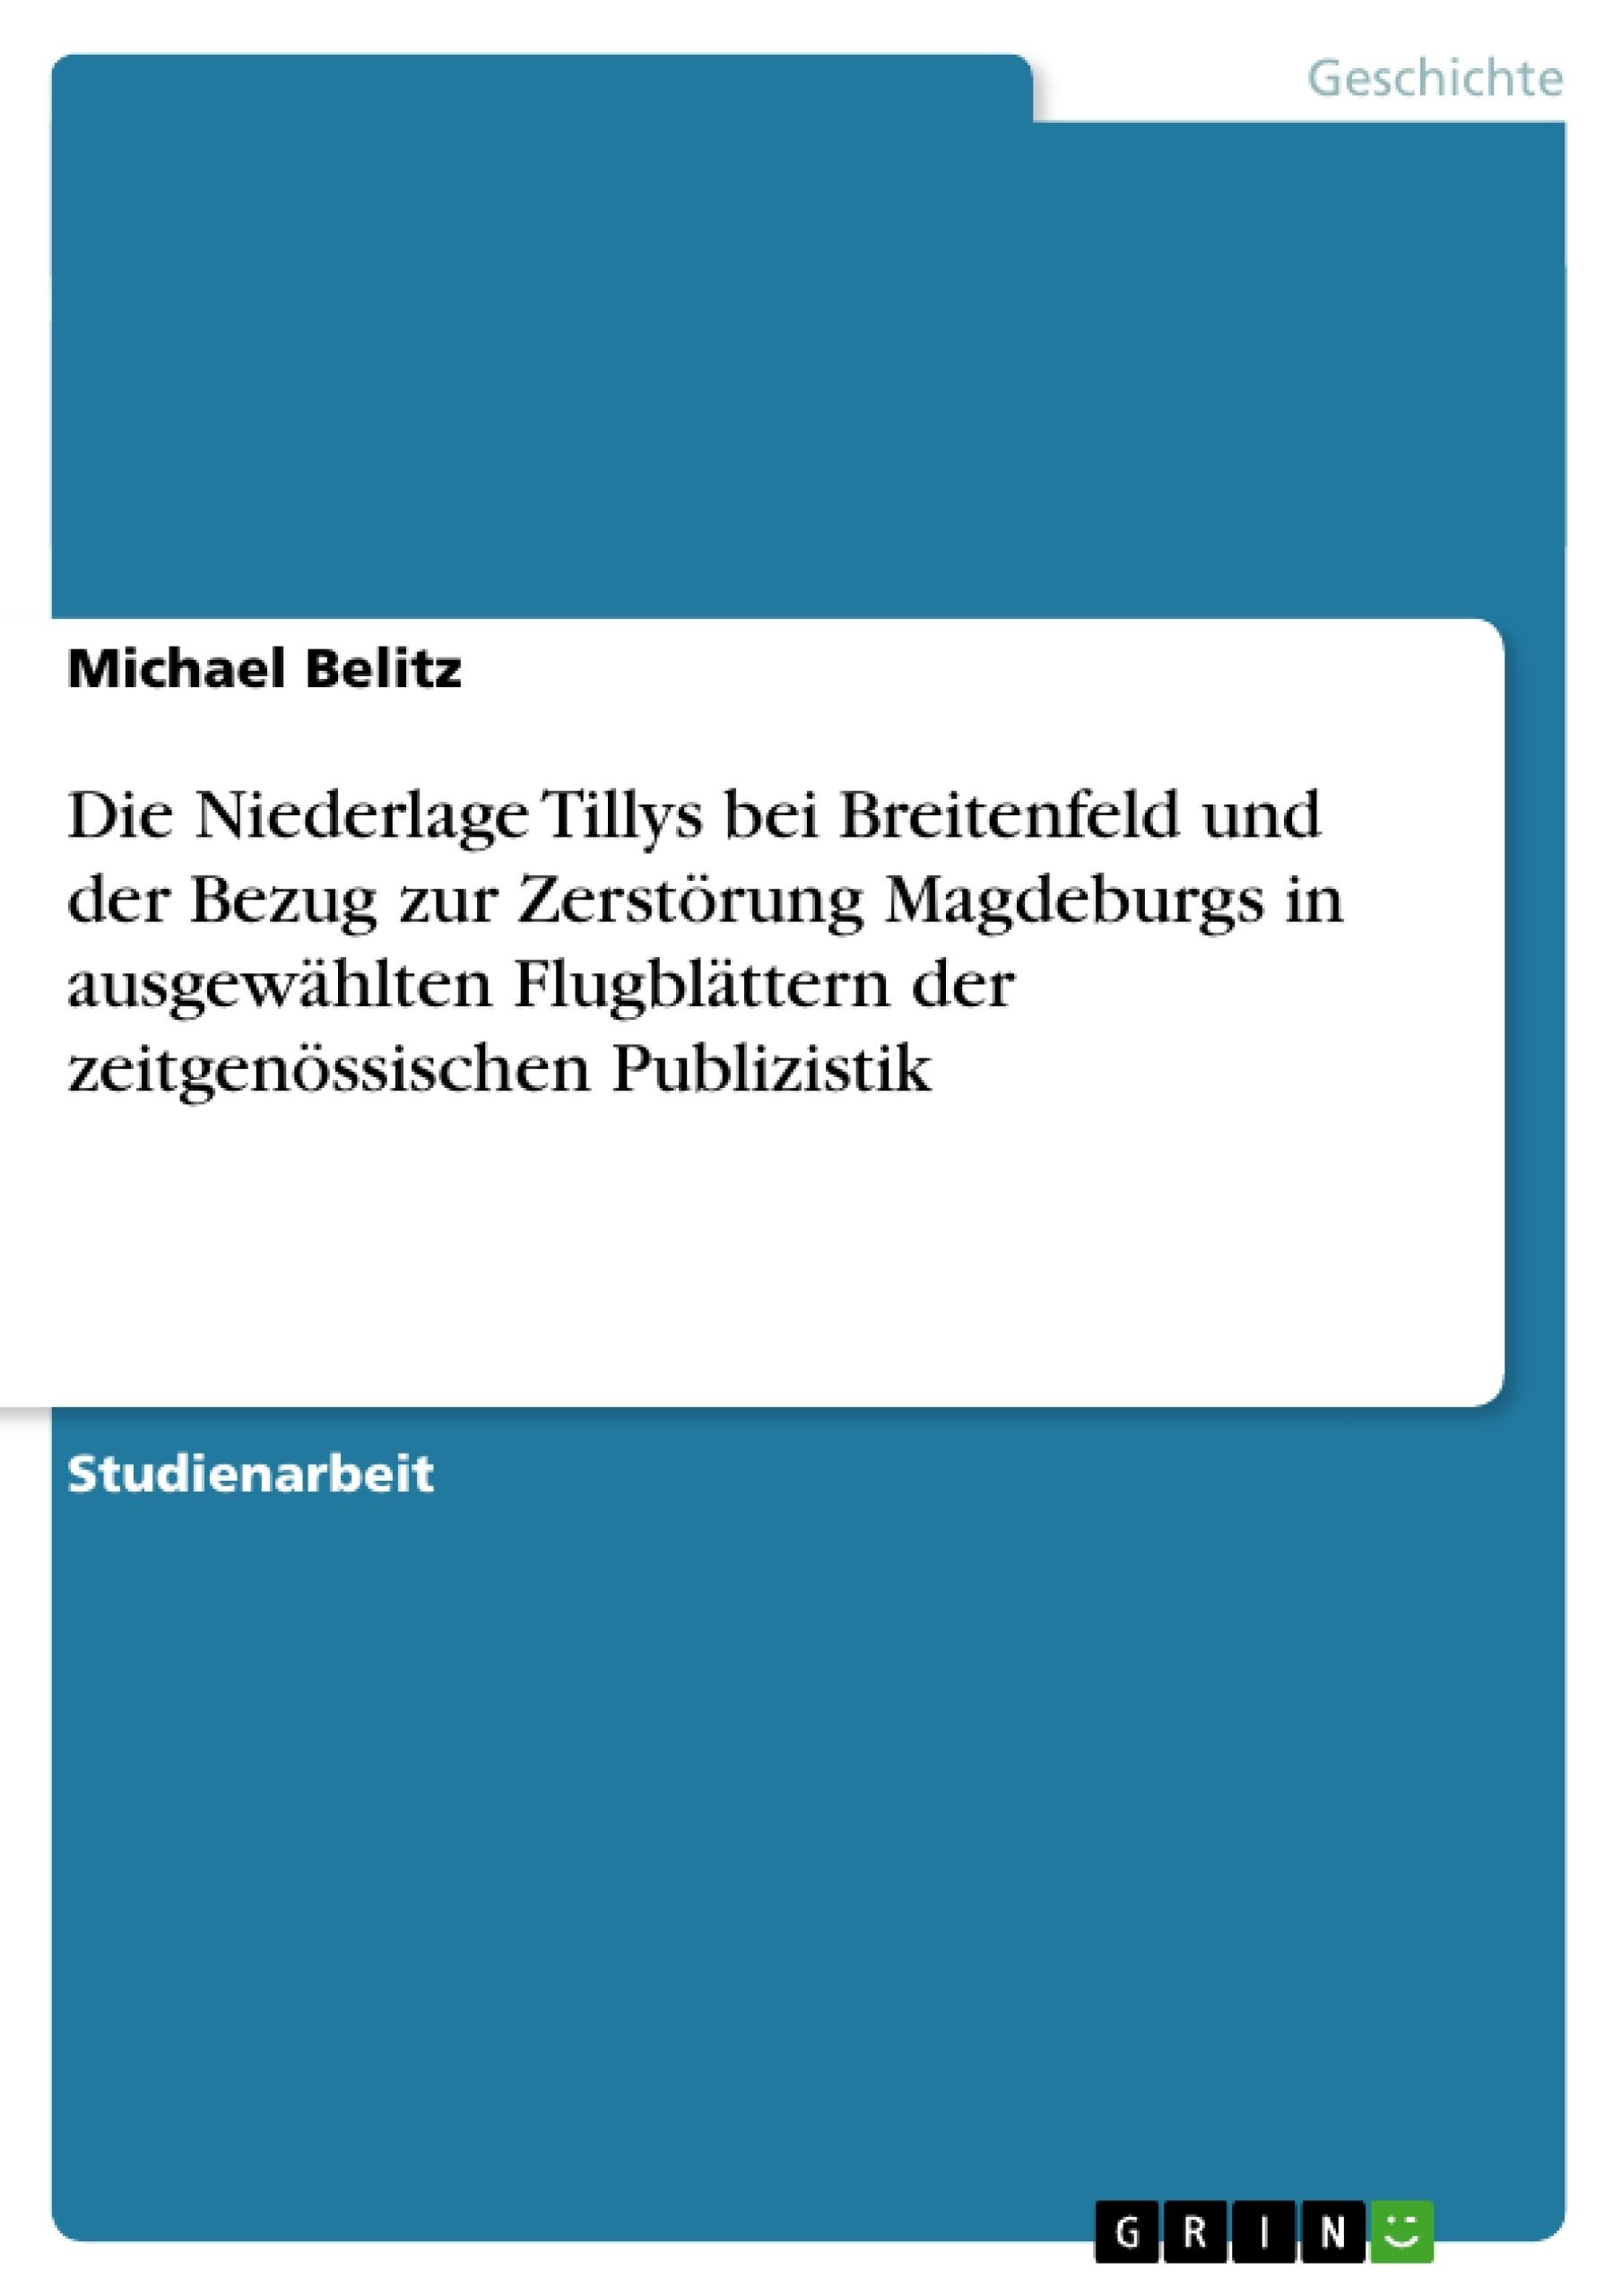 Titel: Die Niederlage Tillys bei Breitenfeld und der Bezug zur Zerstörung Magdeburgs in ausgewählten Flugblättern der zeitgenössischen Publizistik